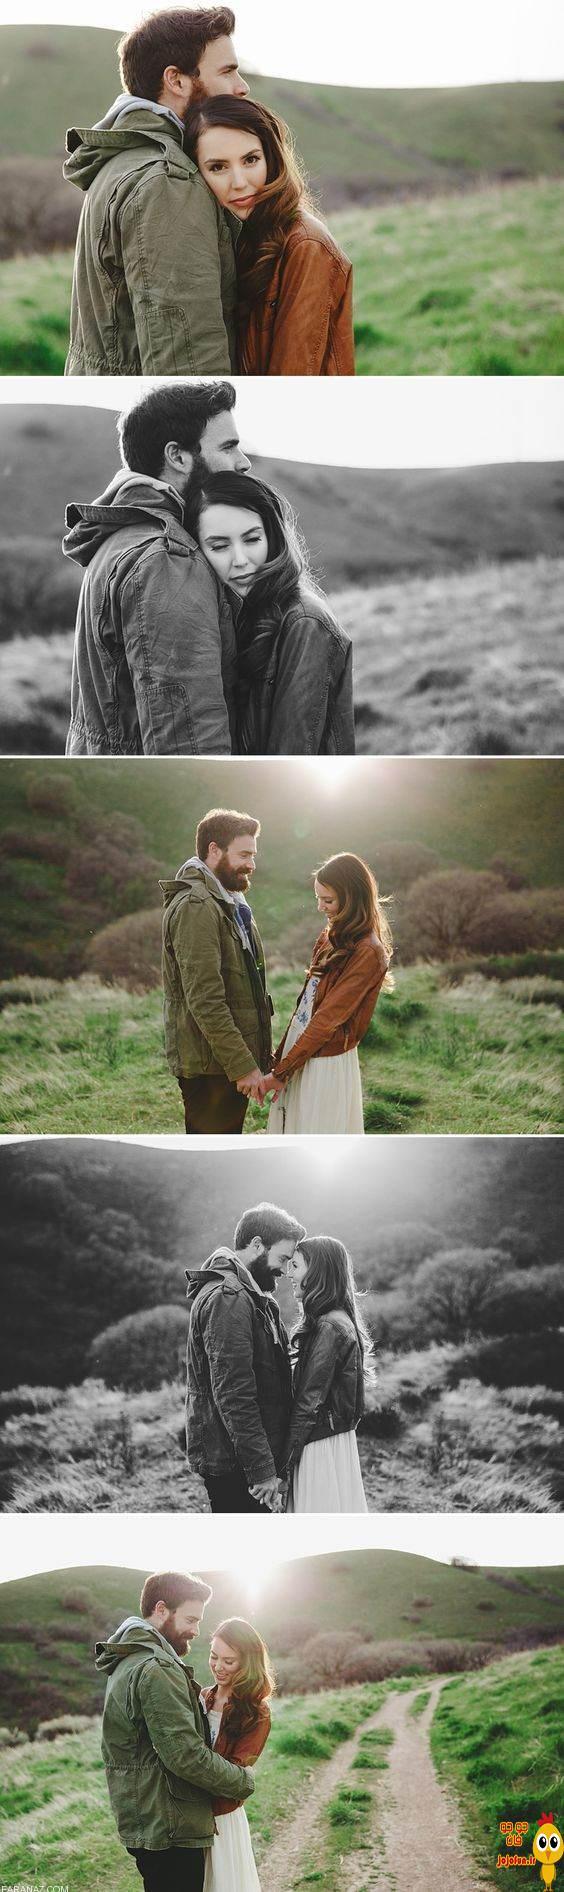 عکس های عاشقانه زوج های رمانتیک 96 - 2017|عکس رمانتیک 96